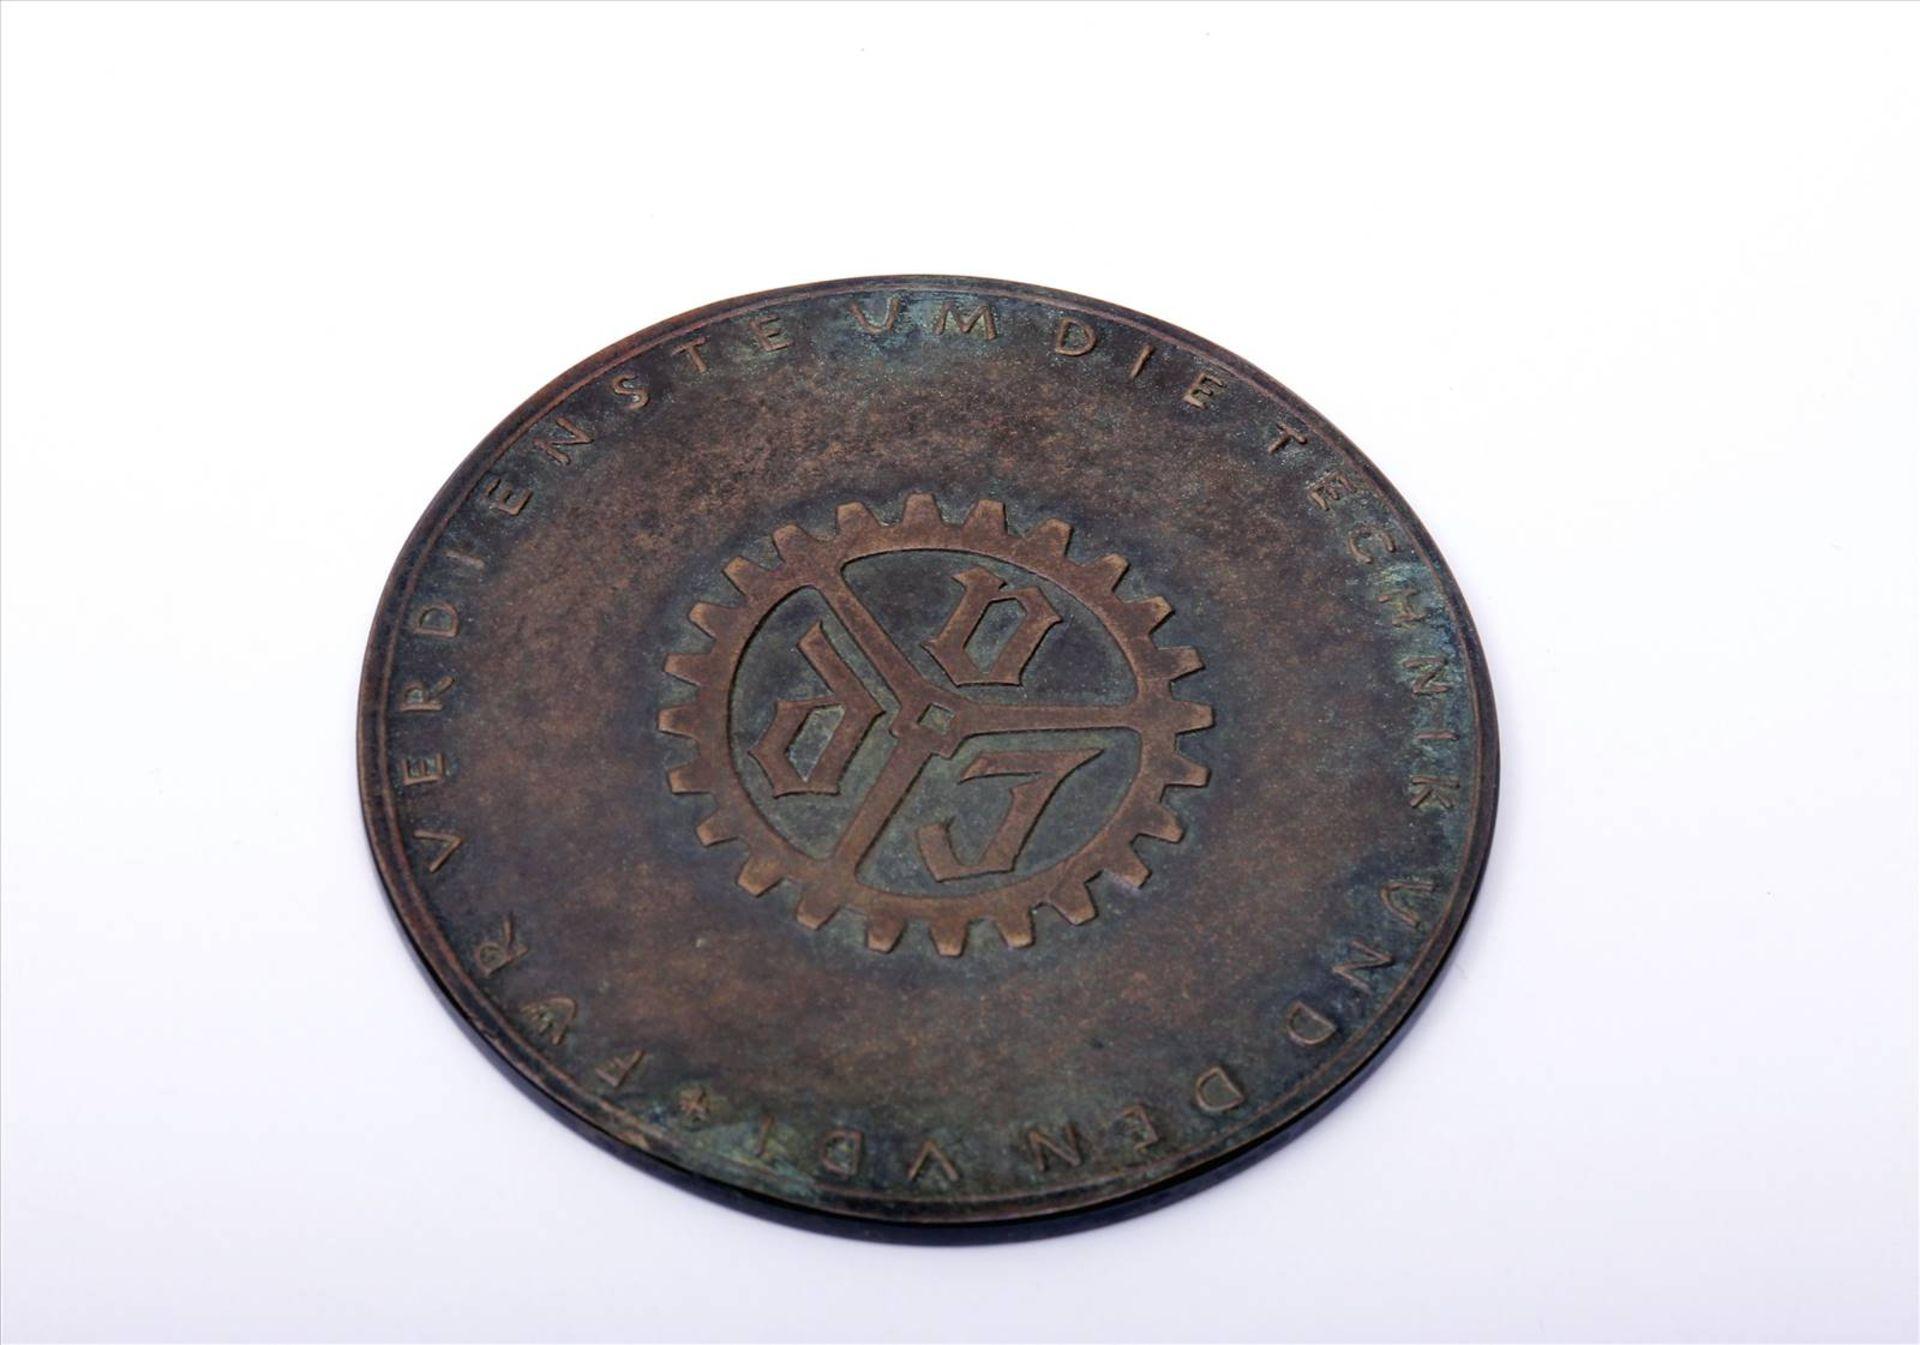 """Medaille """"Für Verdienste um die Technik""""Abzeichen mit Miniatur im Etui. Medaille Durchmesser 90 - Bild 4 aus 7"""